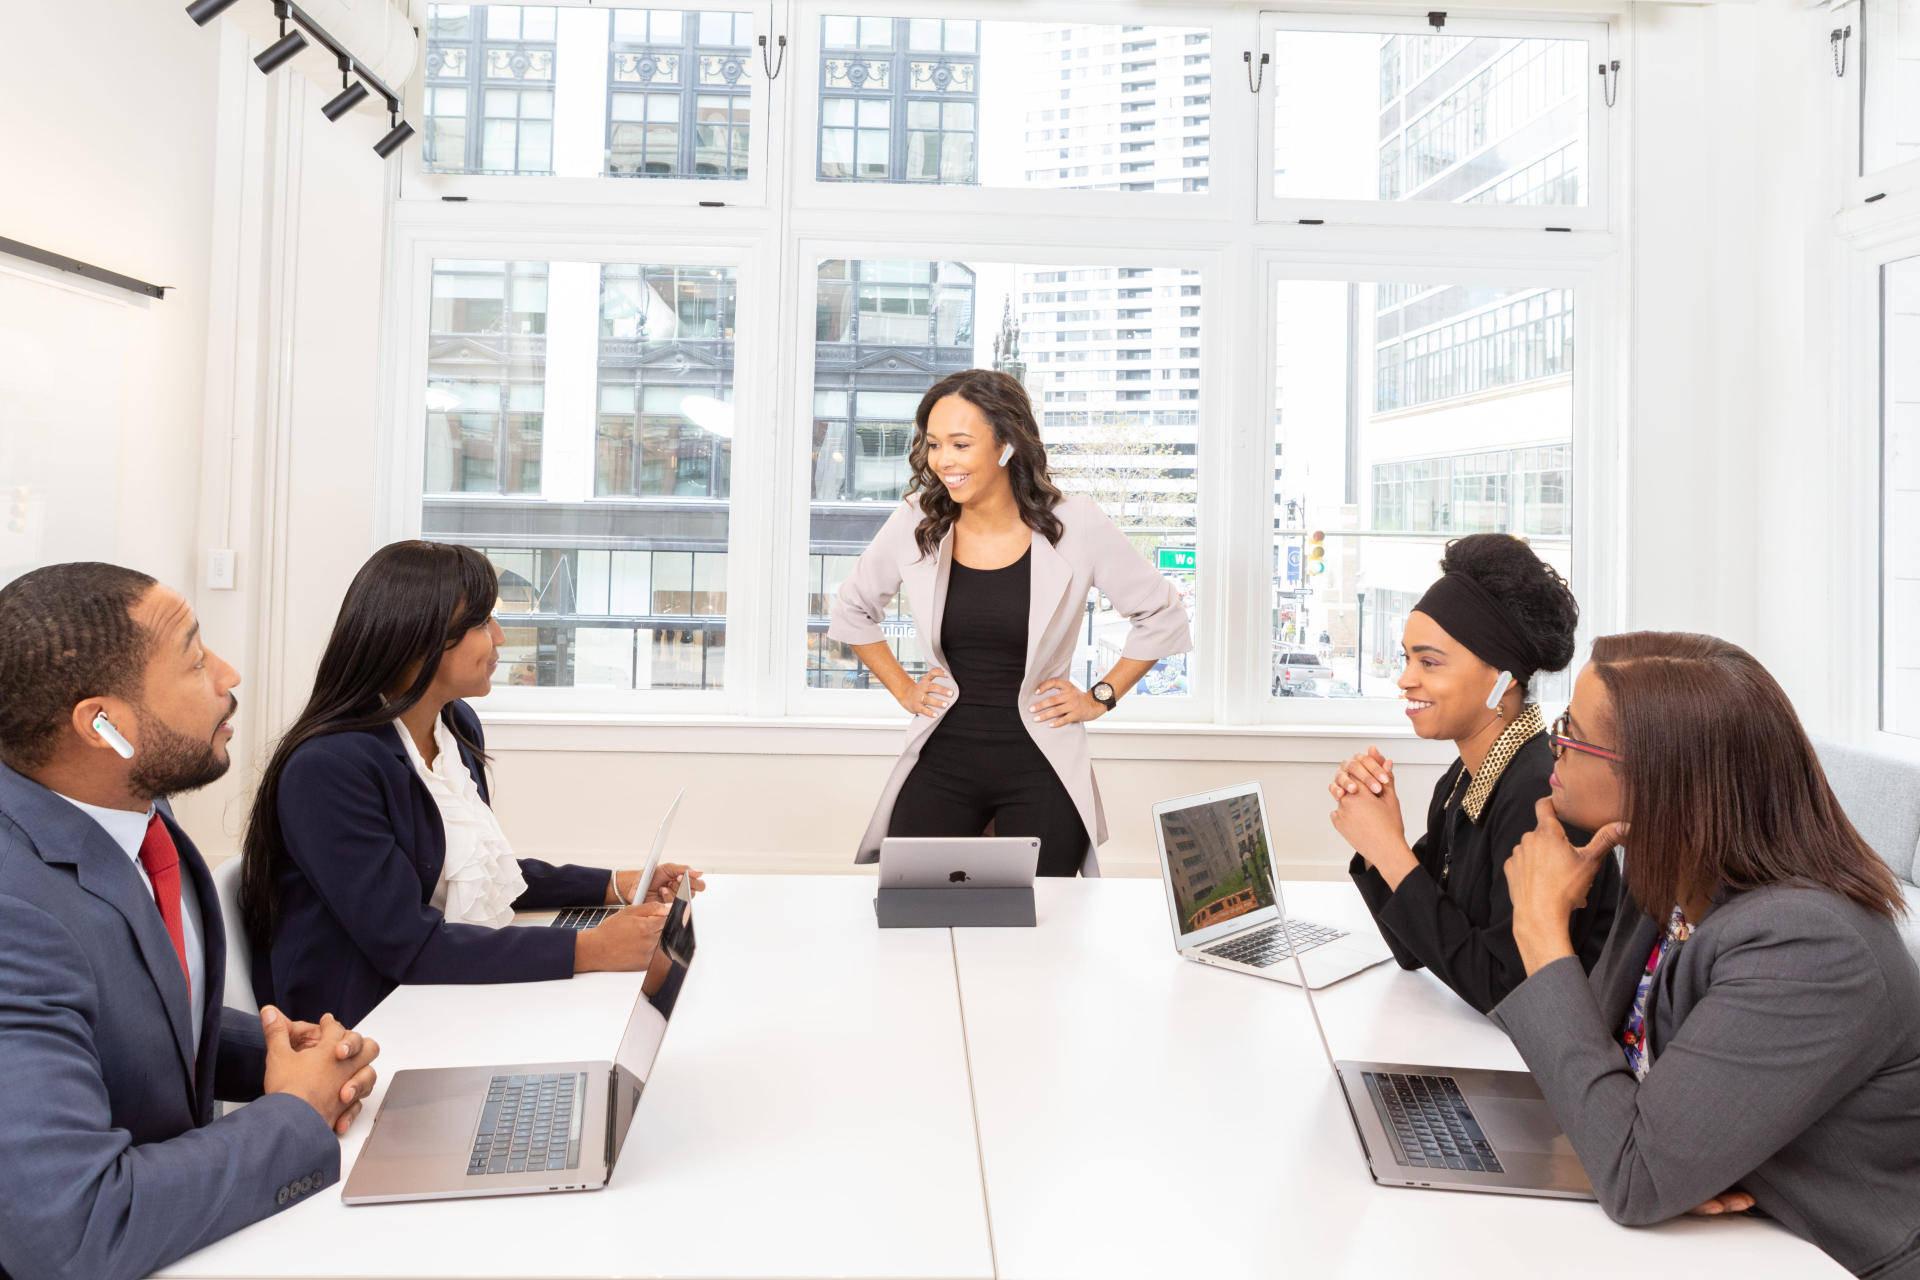 疯狂职场口语对话:加薪Asking For a Raise.  老板与员工的英文对话